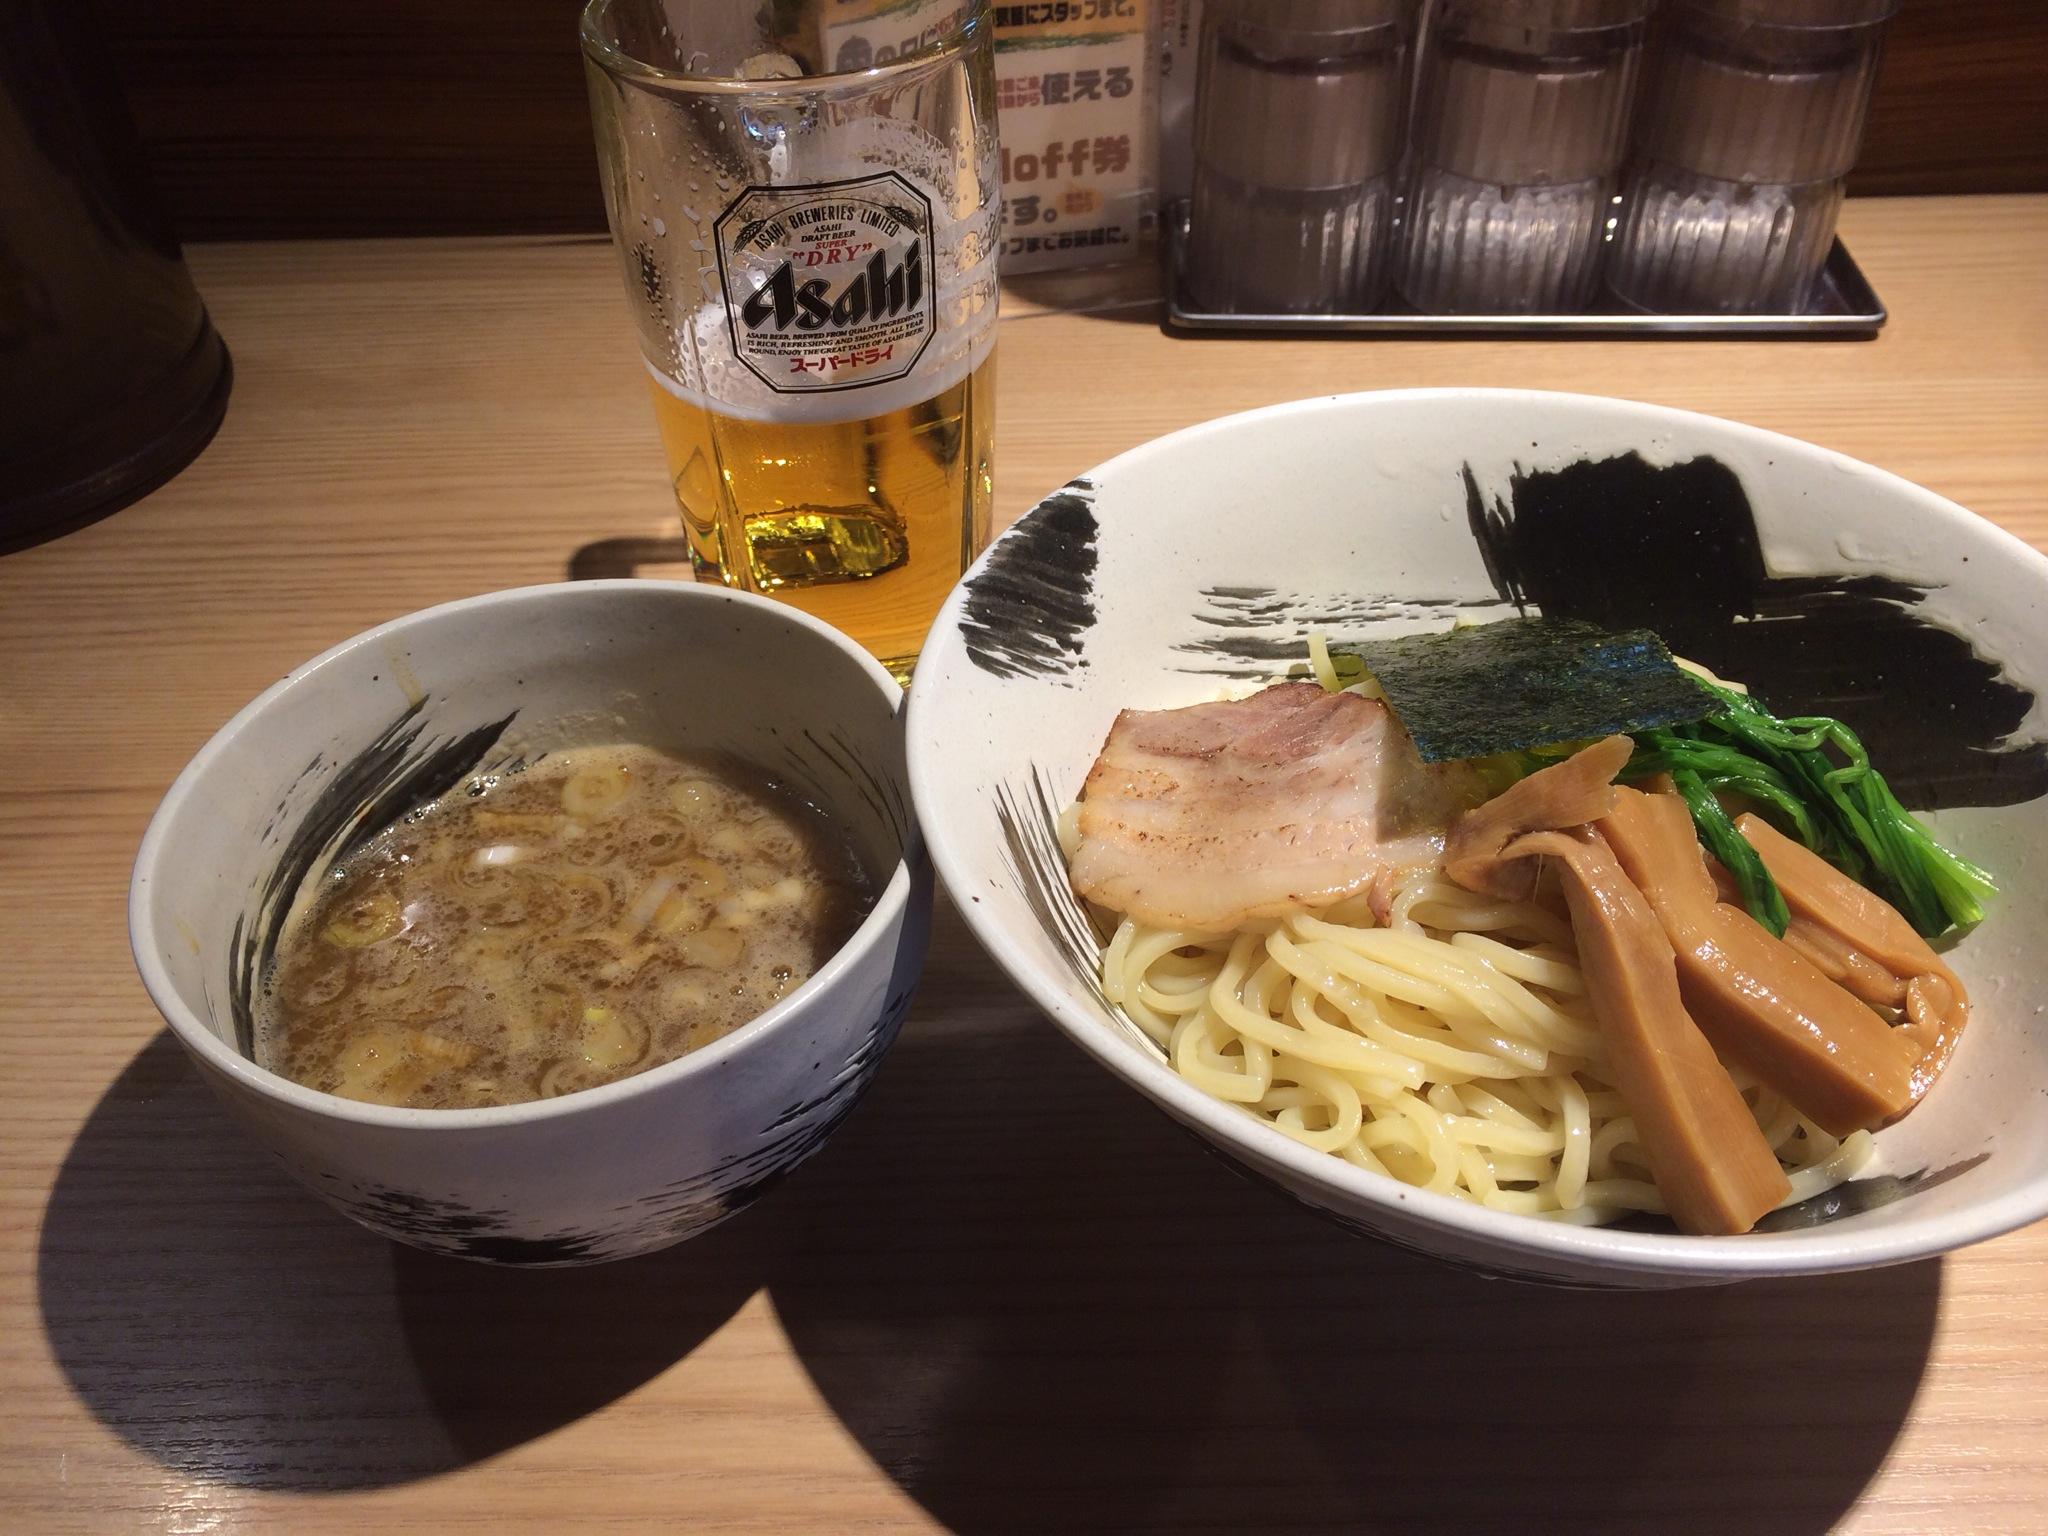 魚介と白濁動物系の濃厚Wスープと太麺とビール!